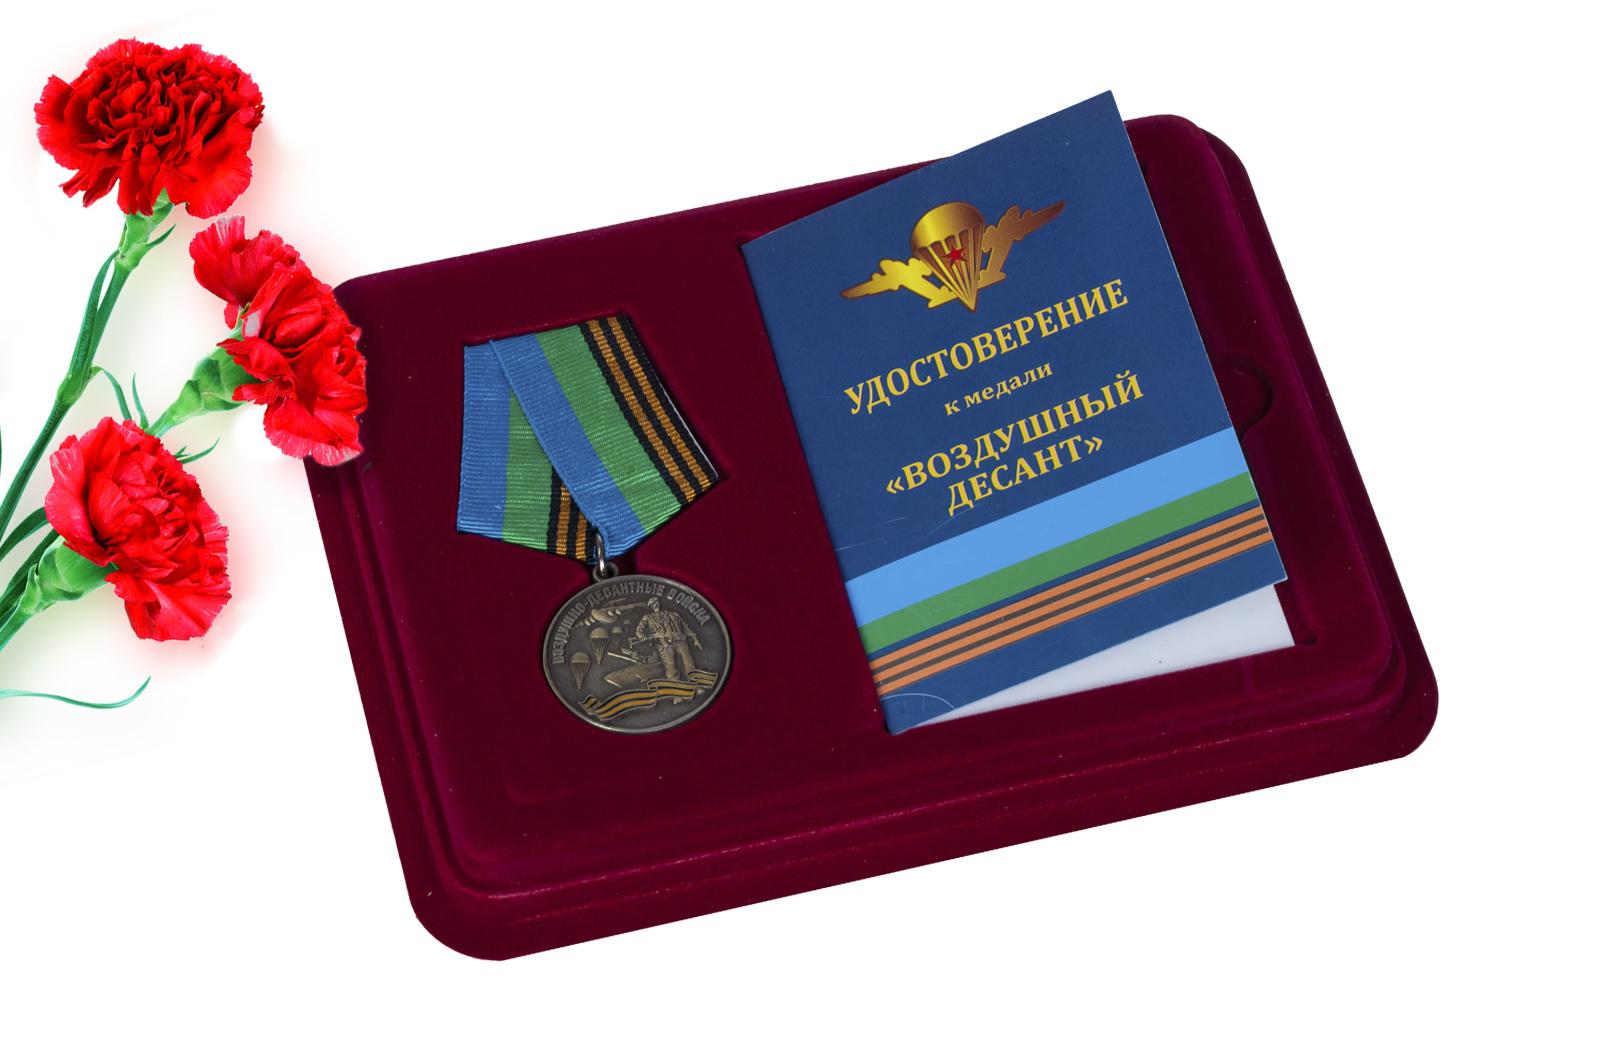 Купить медаль Воздушно-десантные войска оптом или в розницу